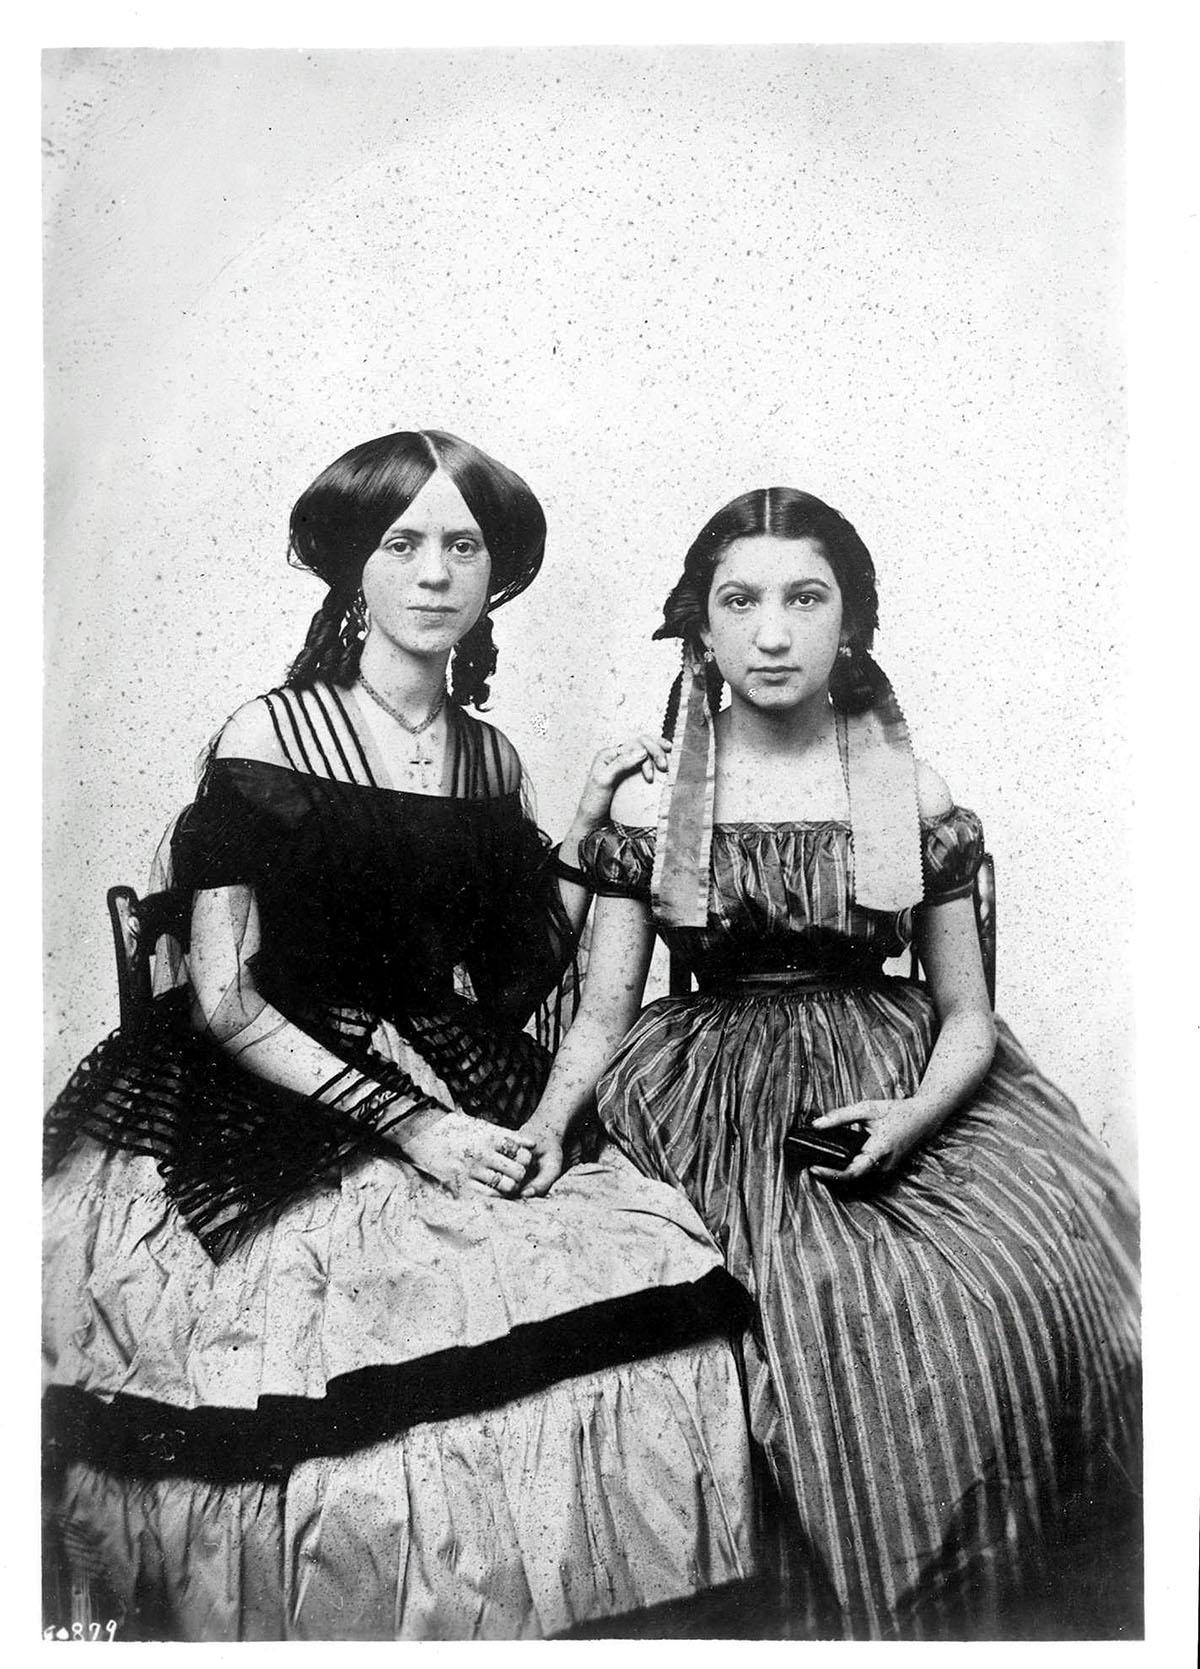 Maria de Jesus Wilson and Medora Hereford